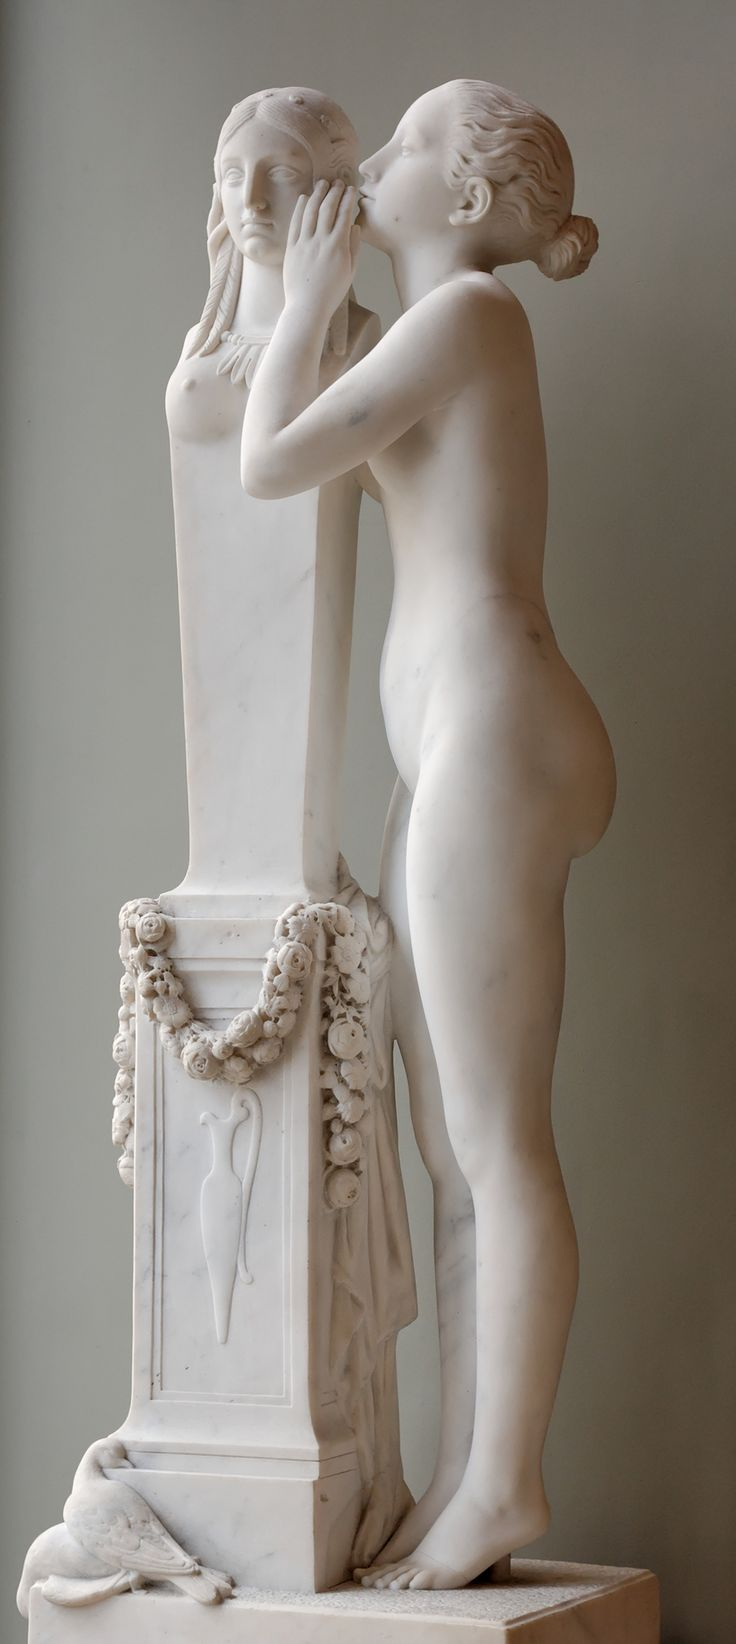 First Secret Entrusted to Venus, 1839, by François Jouffroy (1806–1882). Marble sculpture | Louvre